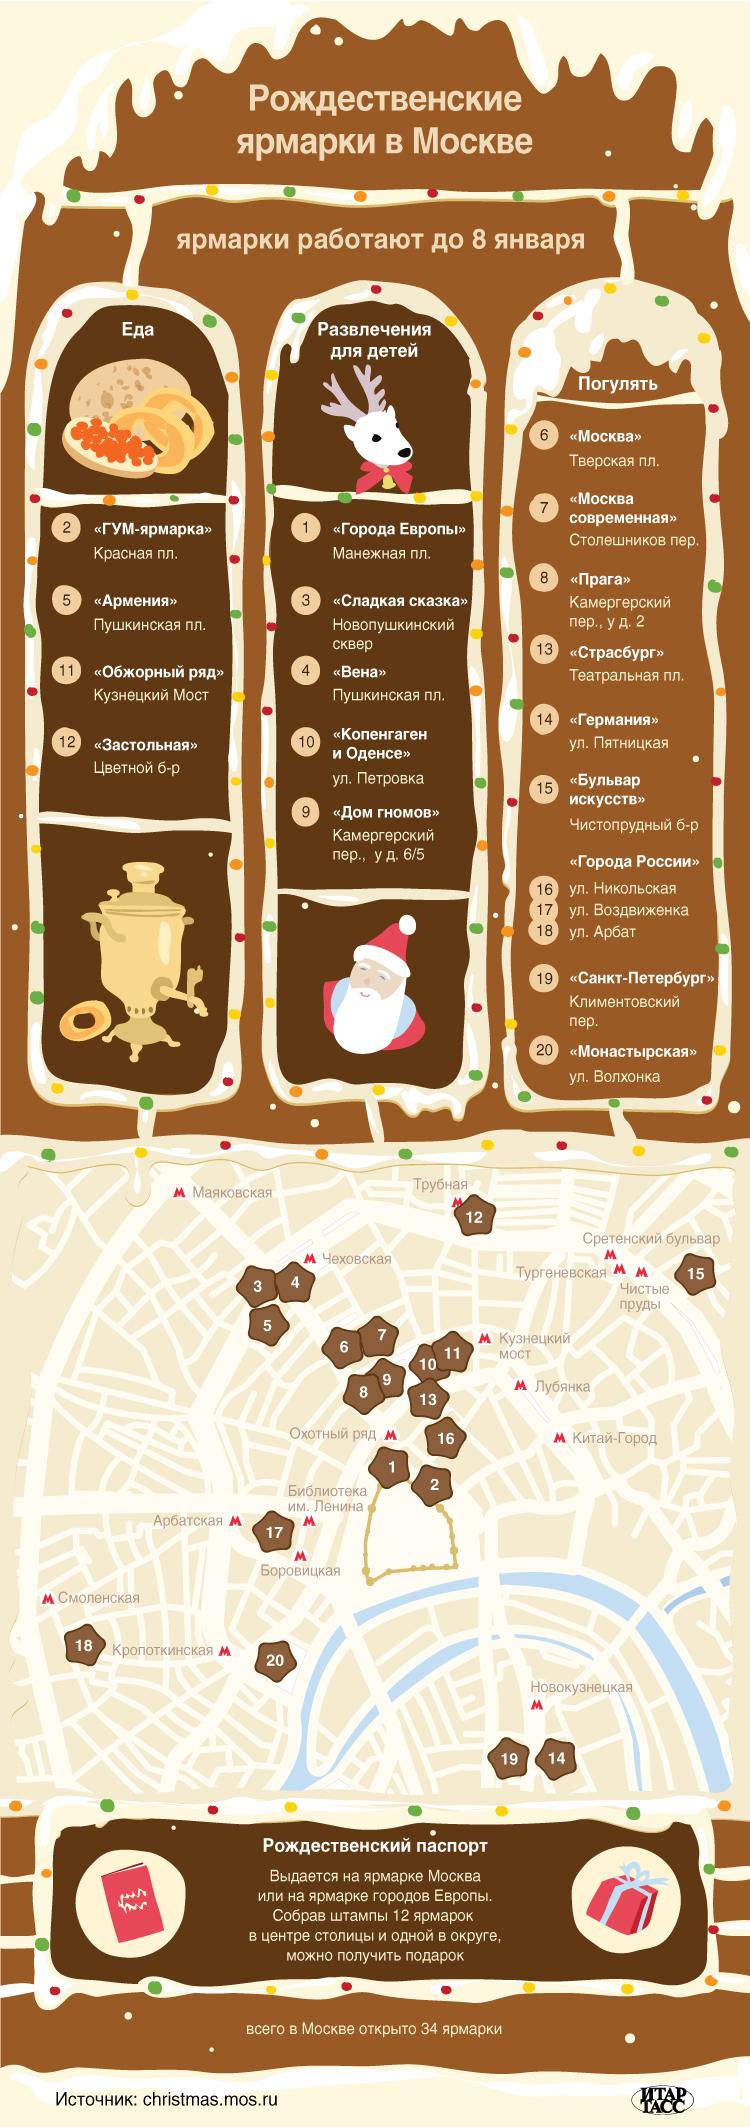 Рождественские ярмарки в Москве